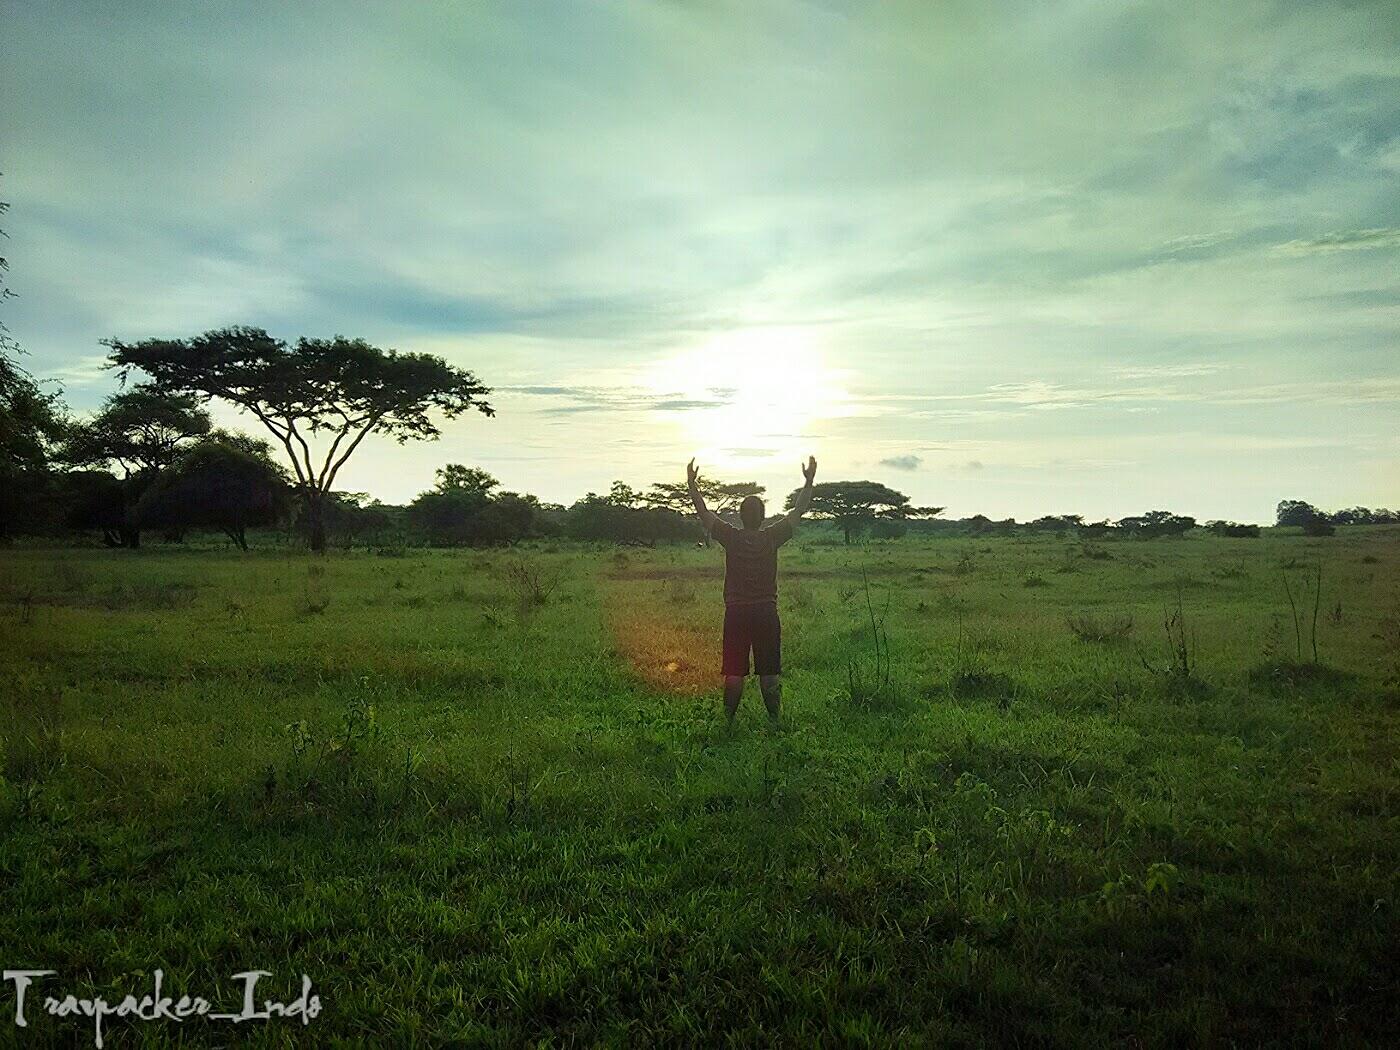 bekol savana tn baluran kabupaten situbondo, jawa timur, tiket masuk savana bekol, gunung baluran banyuwangi, pantai bama, luas savana bekol, camping di baluran, baluran national park, hutan pantai taman nasional baluran